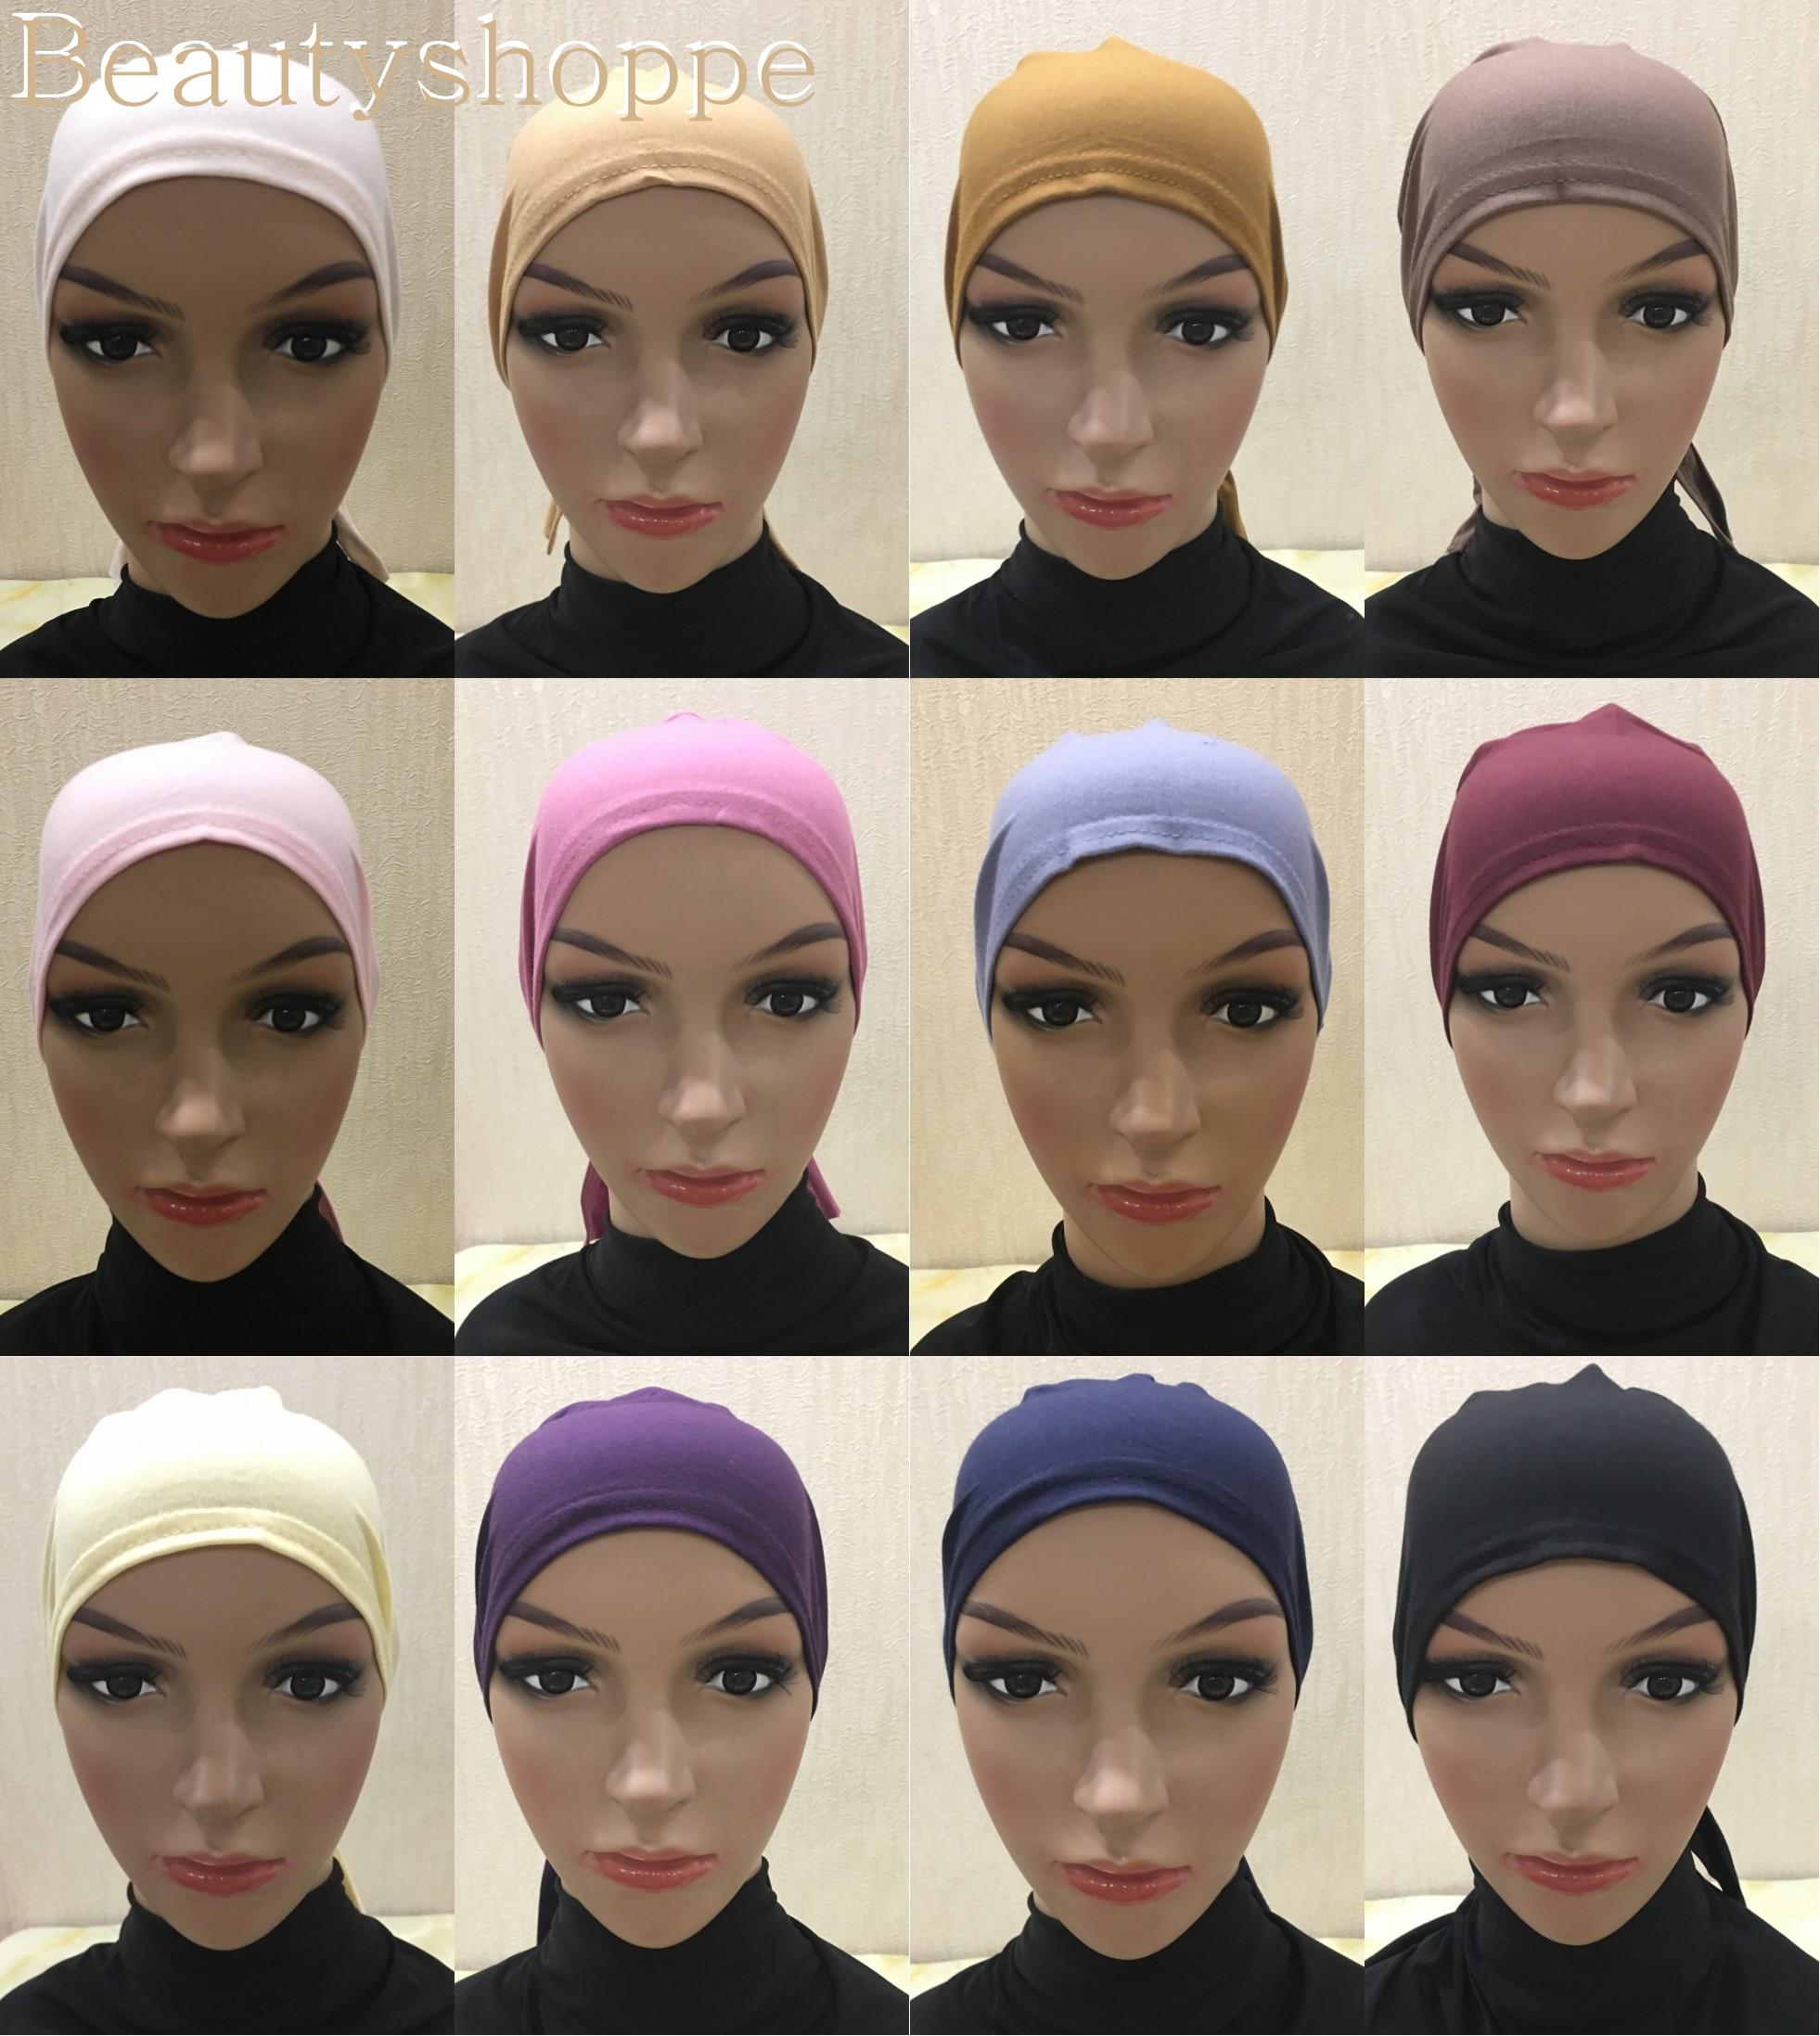 Мусульманская хлопковая кепка с полным покрытием, хиджаб, мусульманская головной убор, головной убор в турецком стиле, шарф мусульманский г...